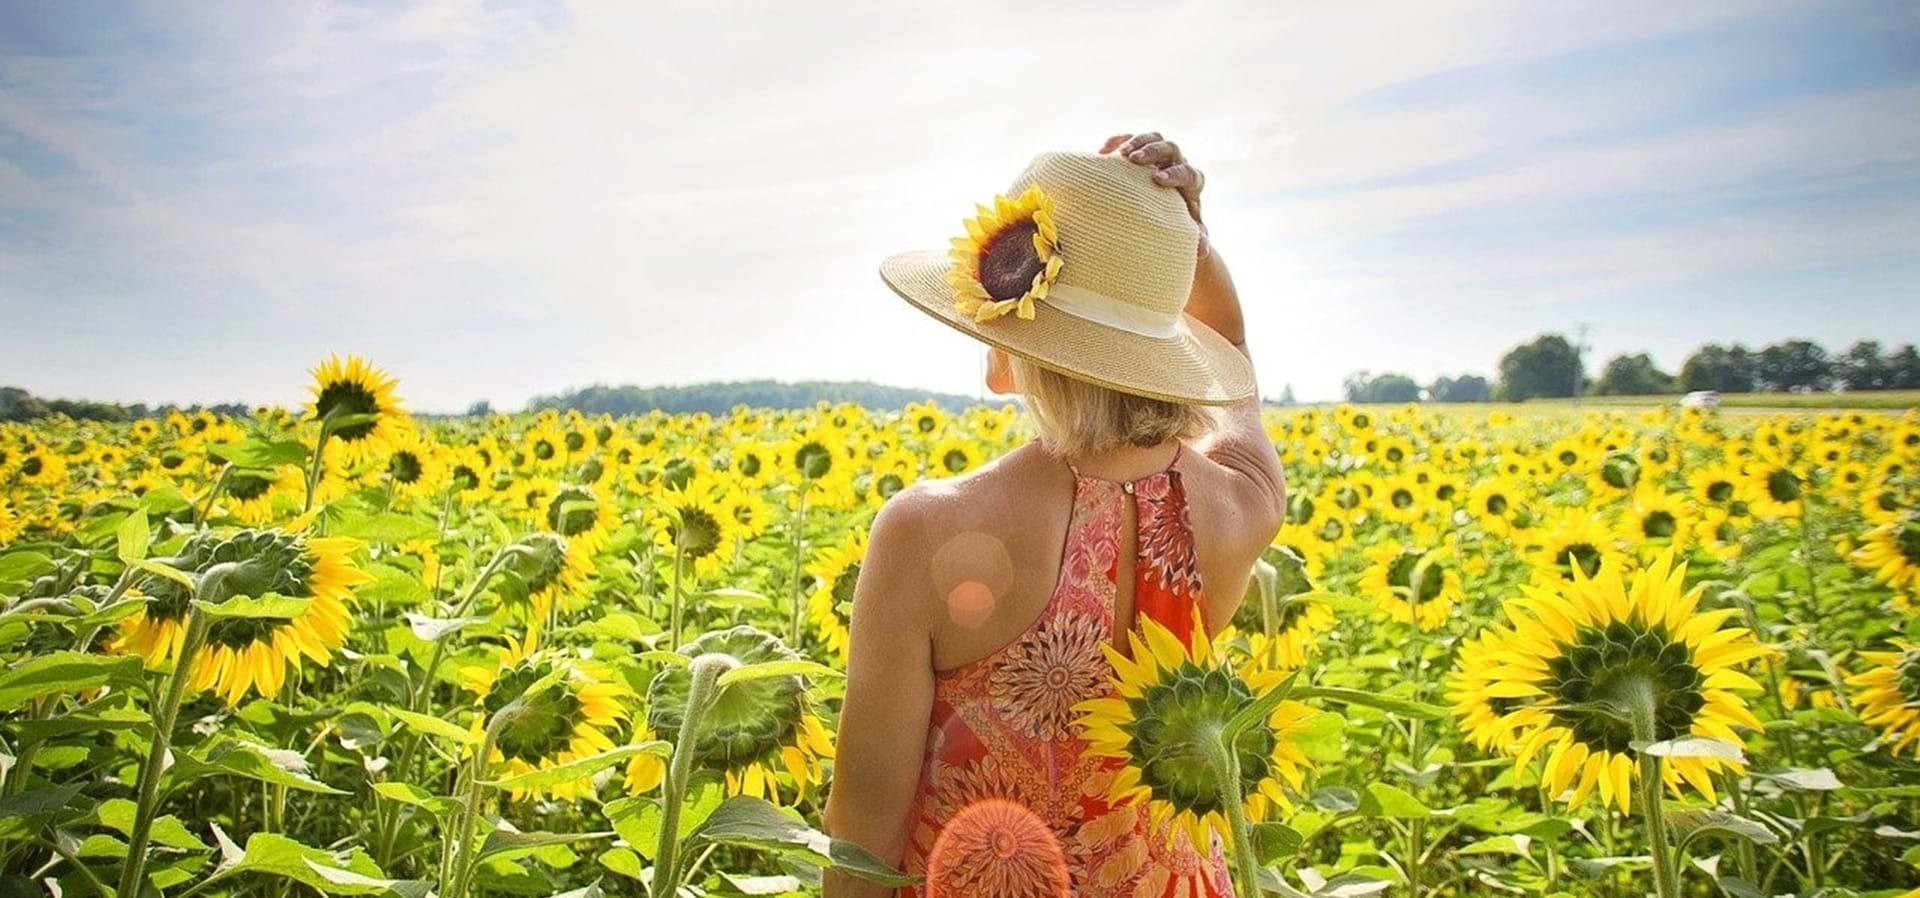 En kvinde iført sommerhat ser ud i horisonten ud over en stor solsikkemark.